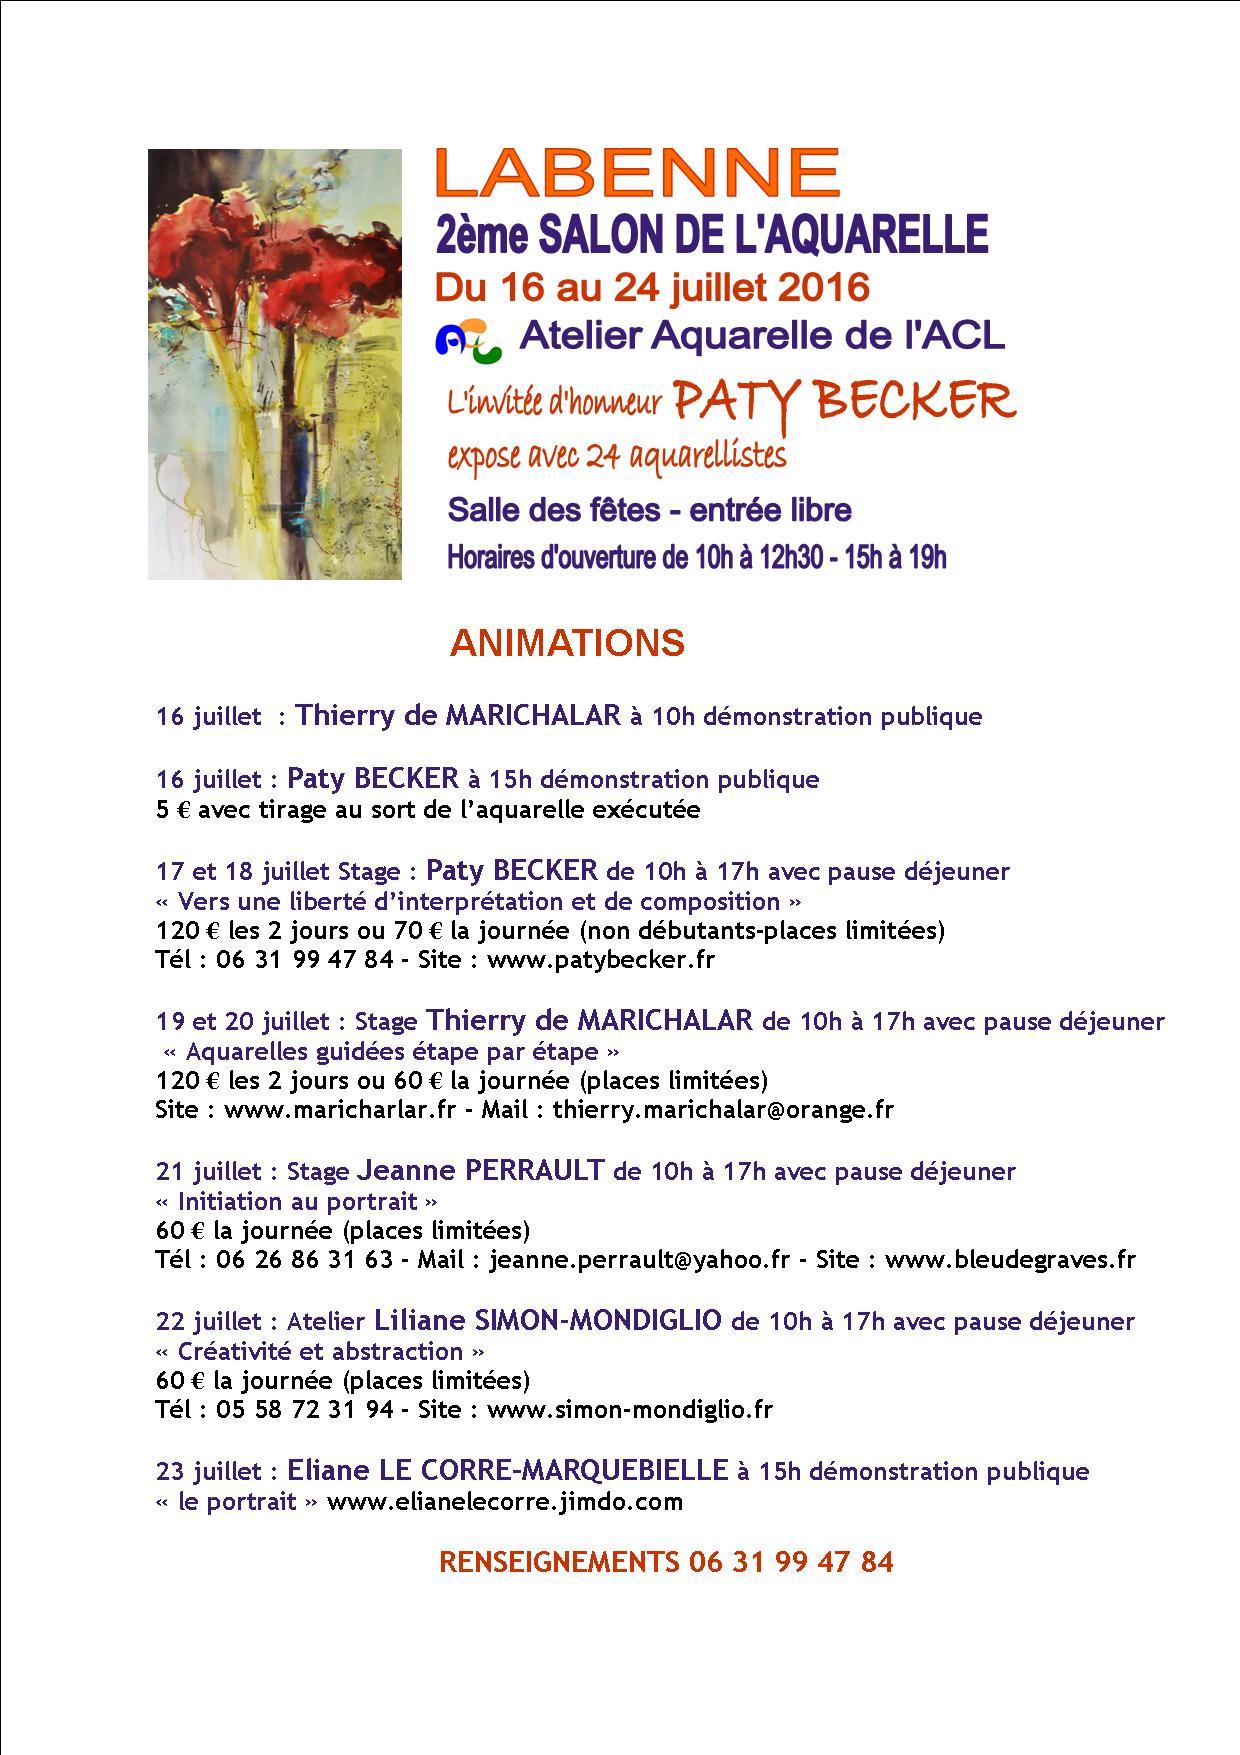 Animations 2ème salon aquarelle Labenne.jpg